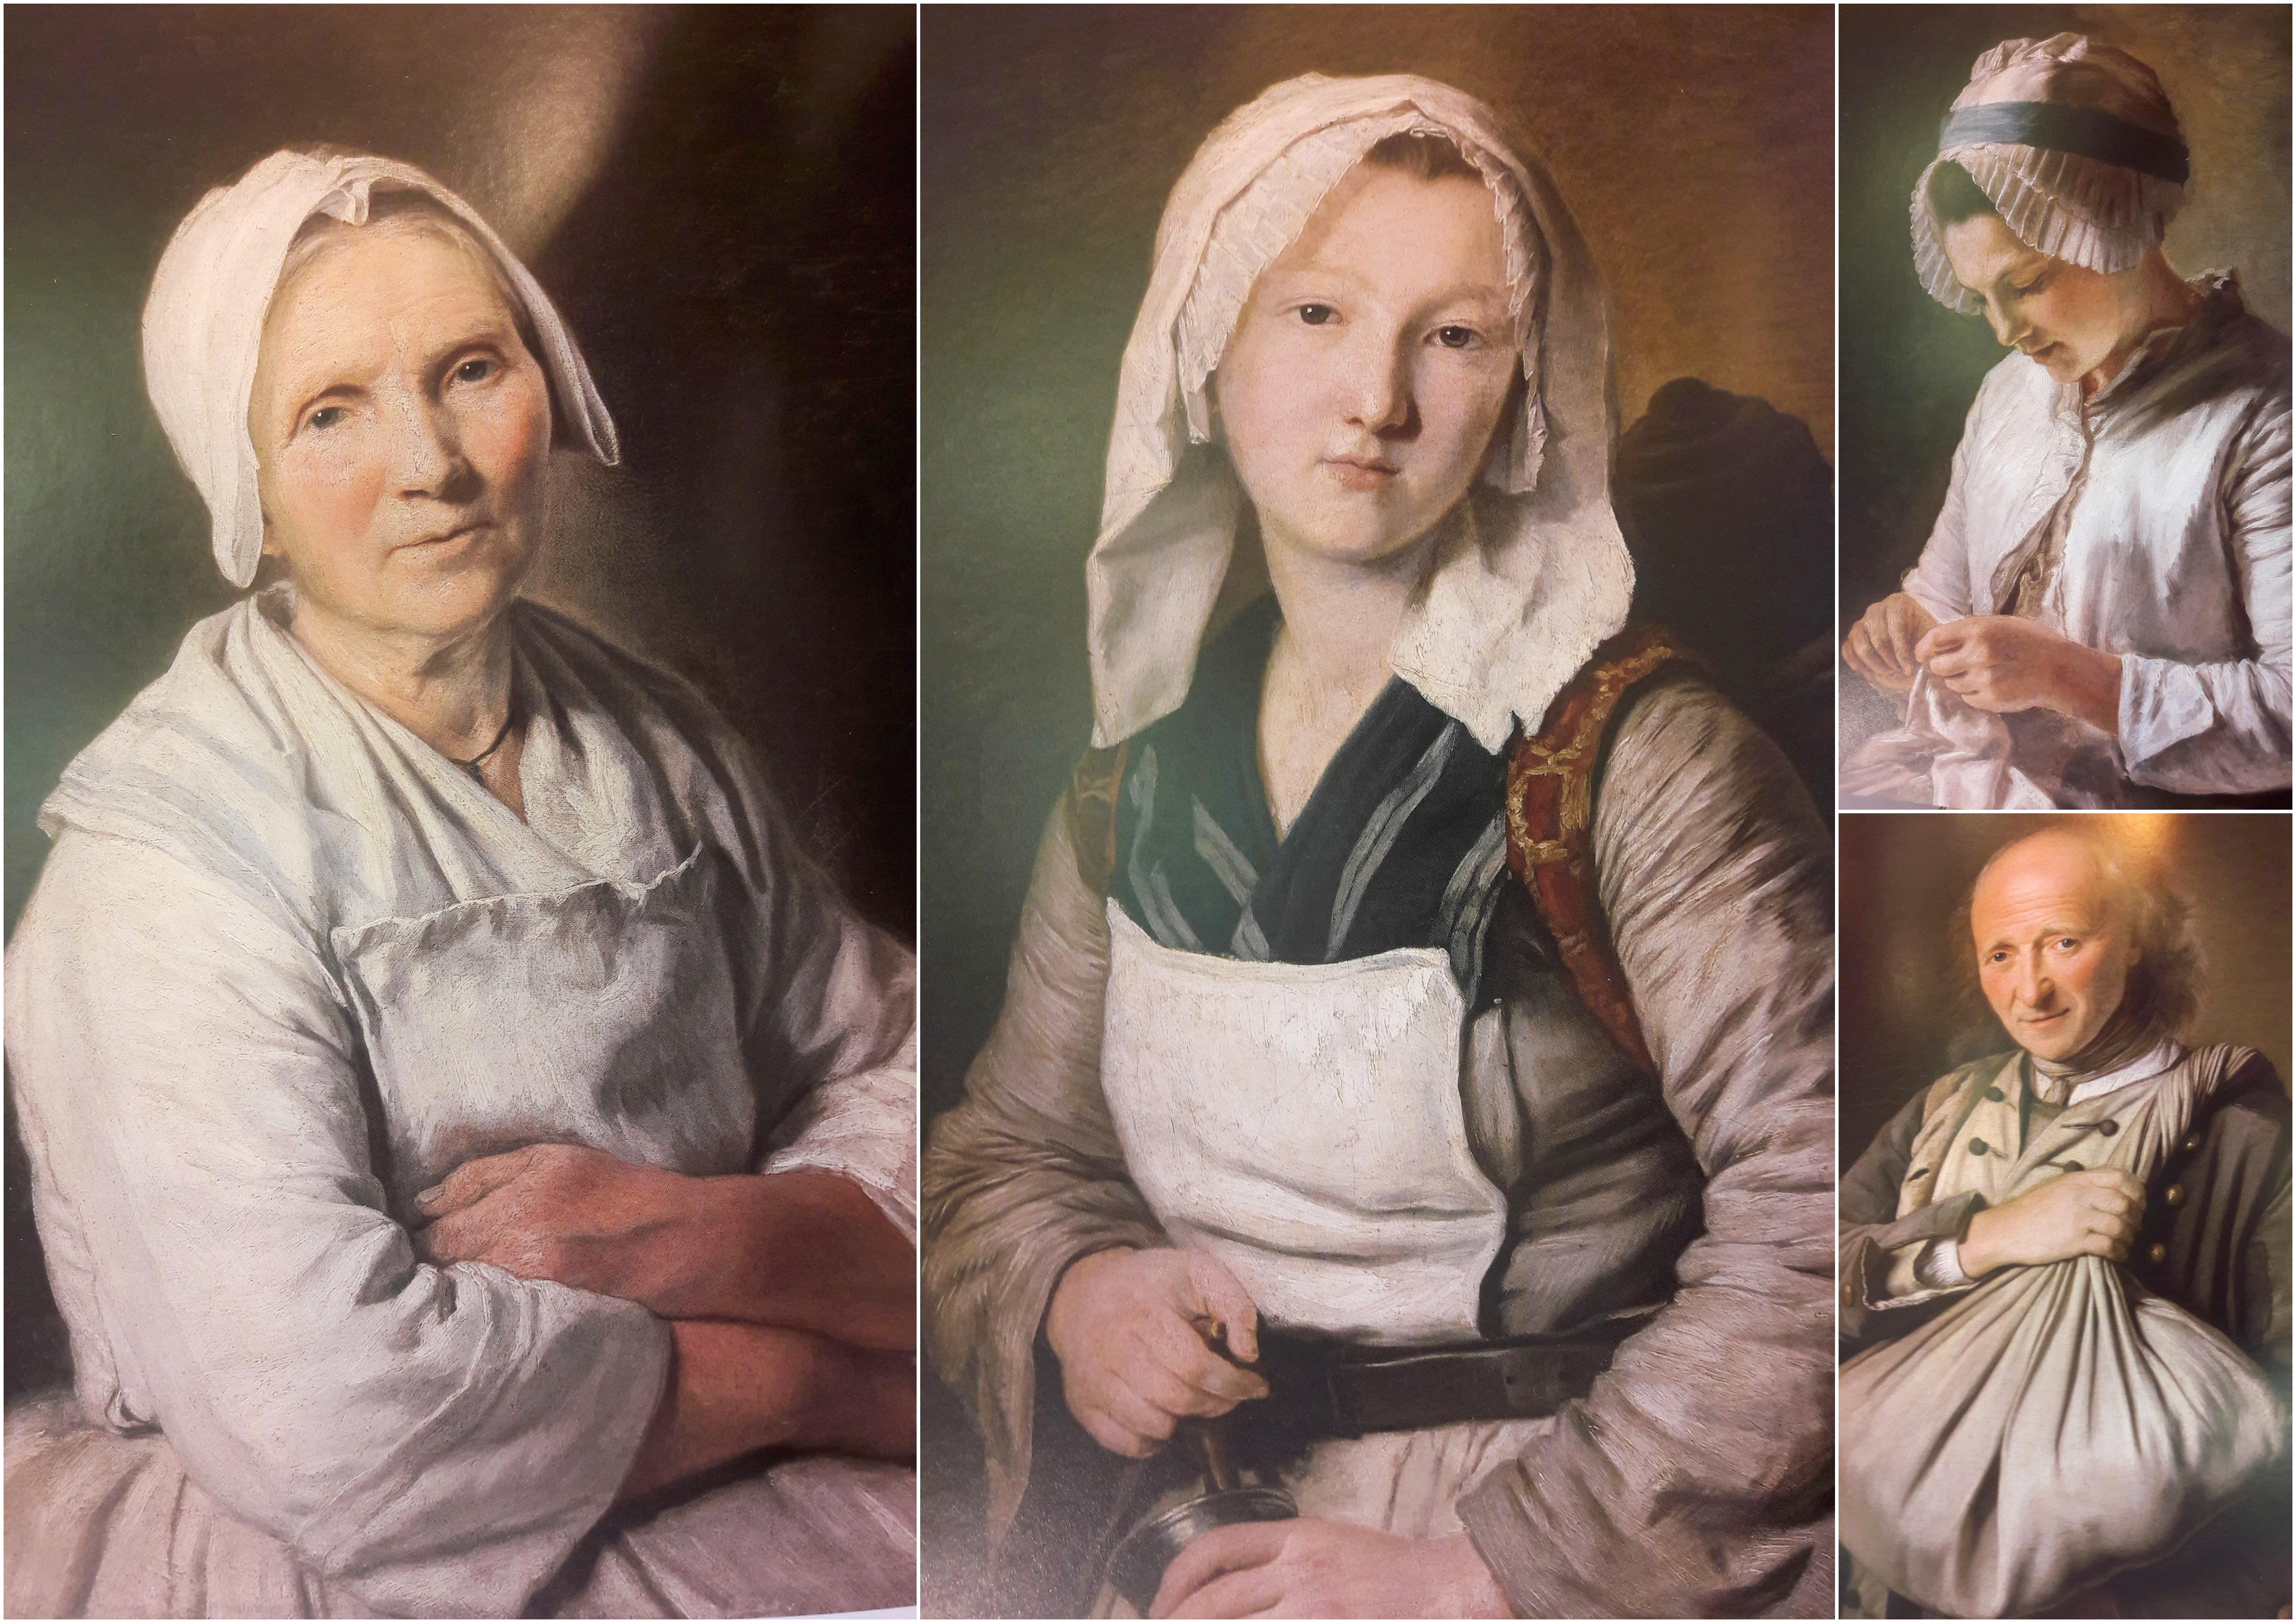 Peinture de femmes marseillaises au XVIIIème siècle par Françoise Duparc